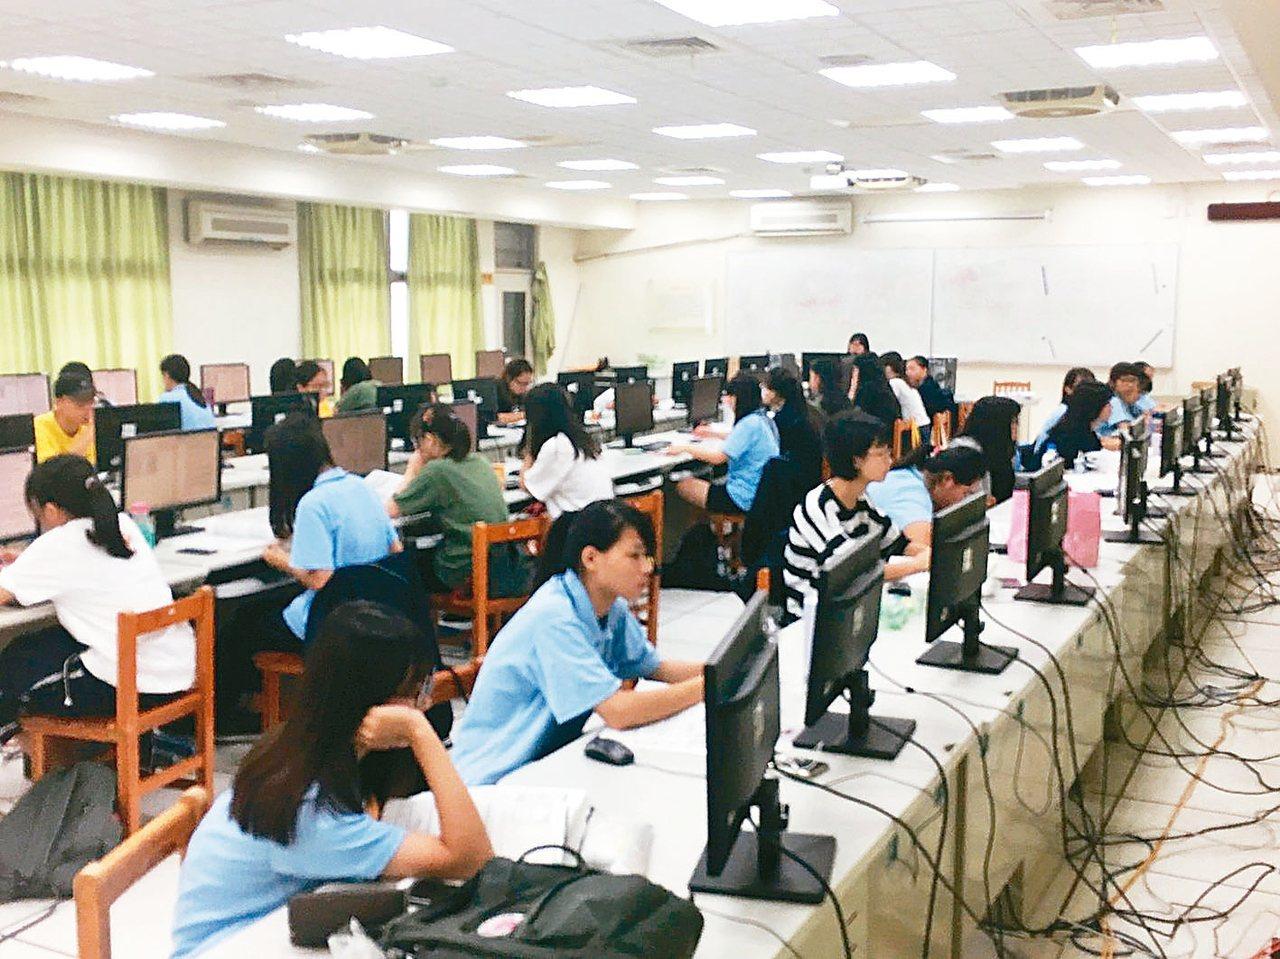 新竹高商學生趁暑假「練功」準備電腦軟體應用乙級證照等。 圖/新竹高商提供